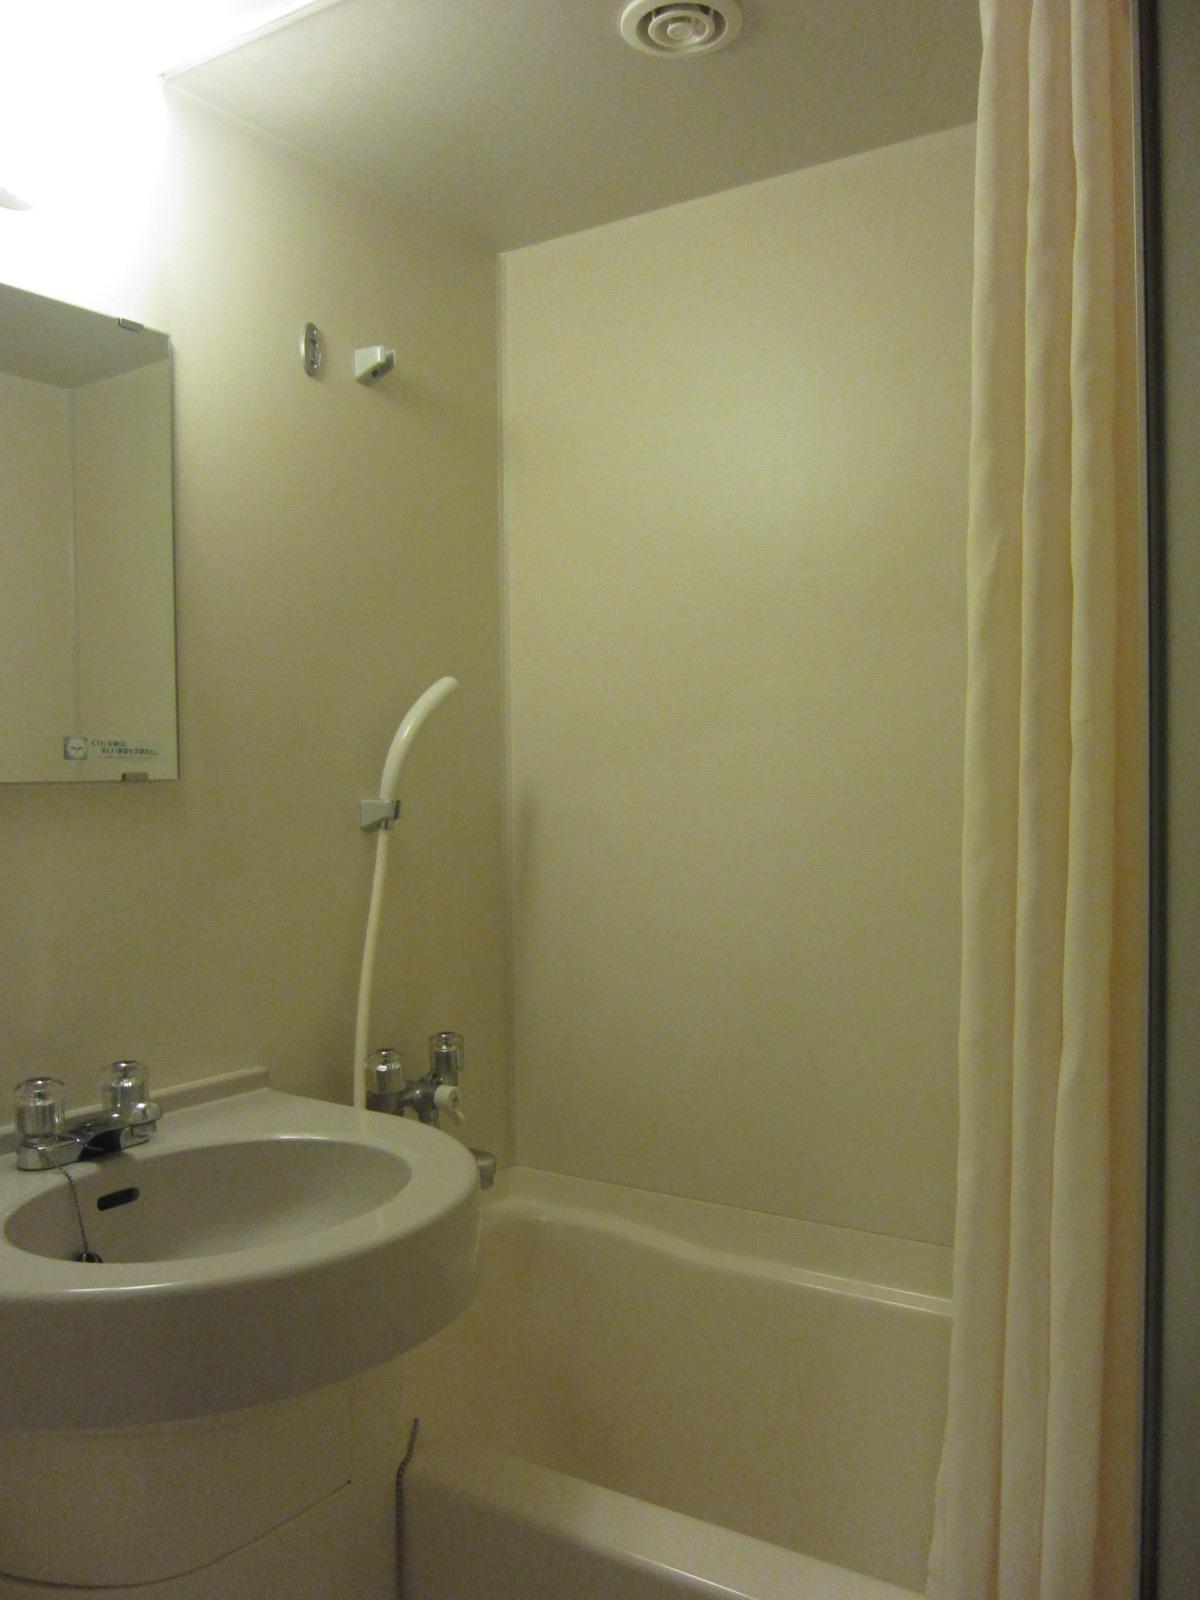 風呂 赤羽 風呂 : お風呂の天井・壁・カーテンは ...